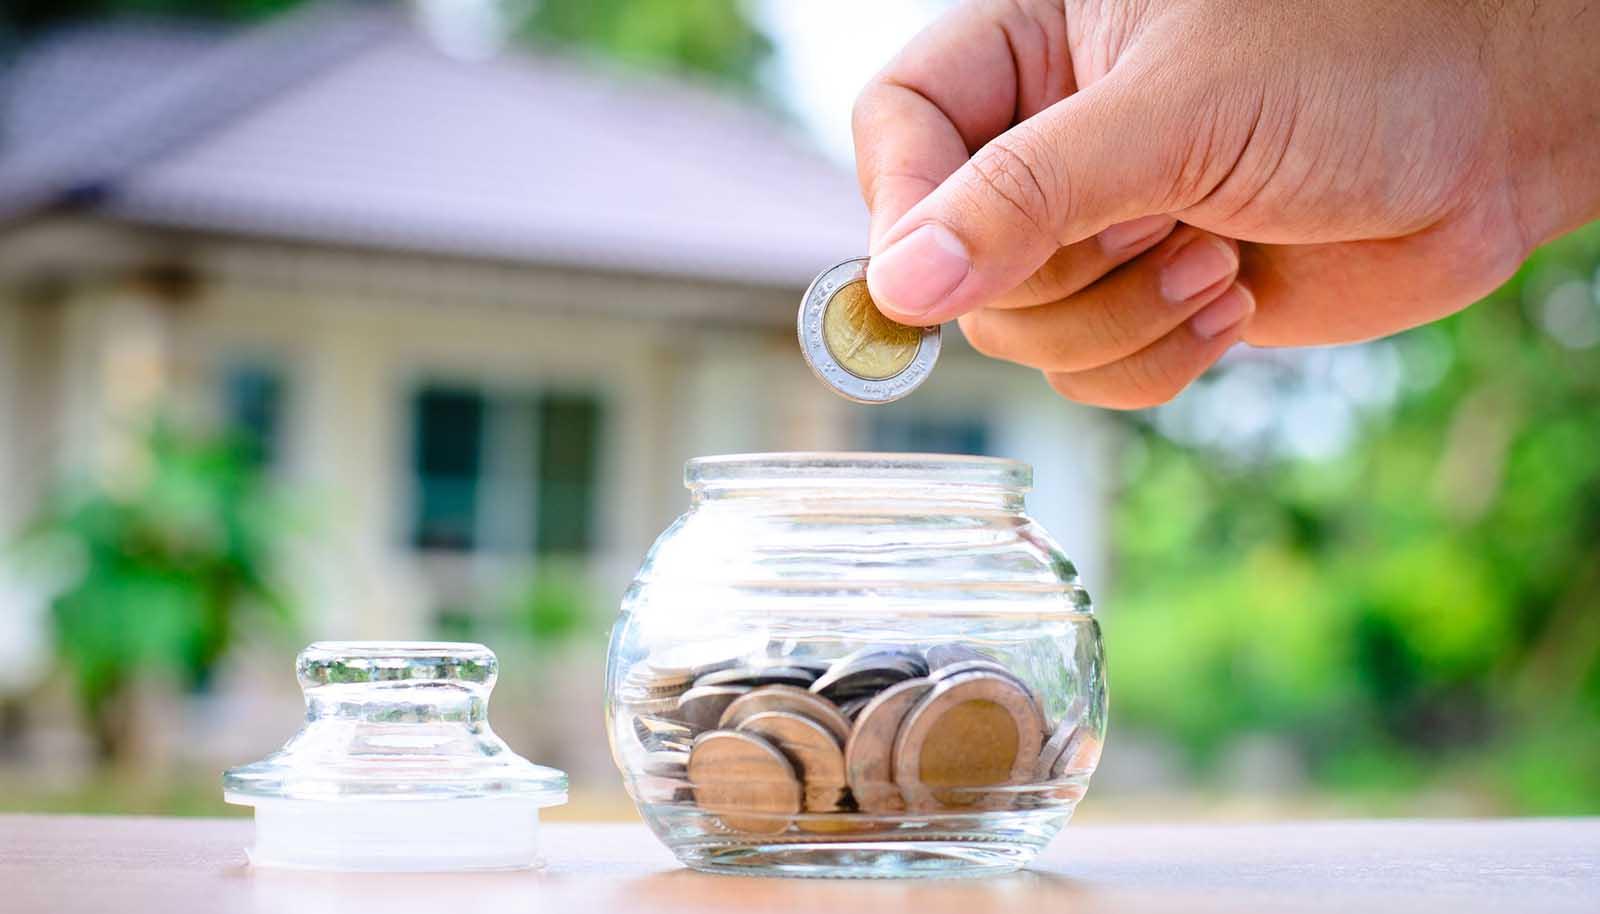 Fideiussione bancaria per affitto Case Rosse - La soluzione migliore, rispetto a quella bancaria e a quella di istituti finanziari.